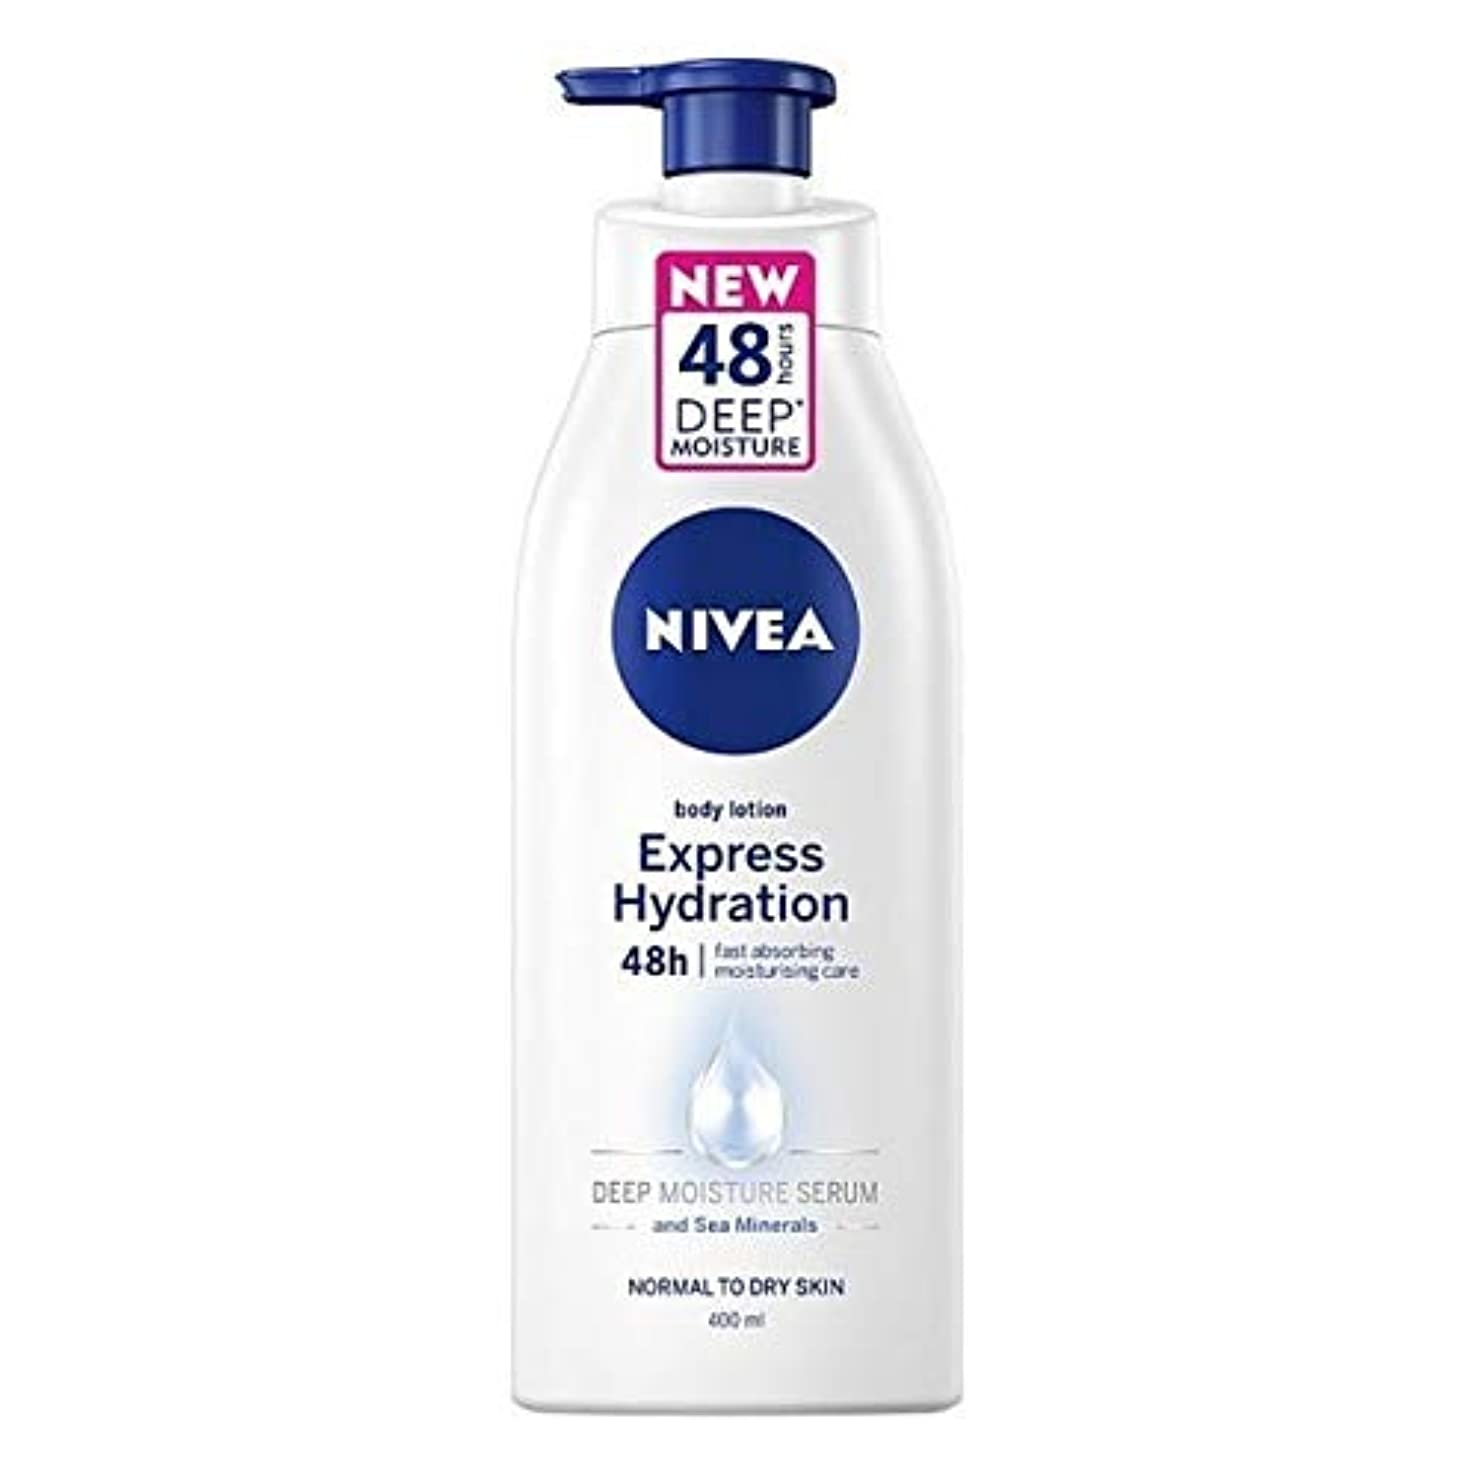 セブン追う制限された[Nivea ] 高速の急行水和ボディローション400ミリリットルを吸収ニベア - NIVEA Fast Absorbing Express Hydration Body Lotion 400ml [並行輸入品]